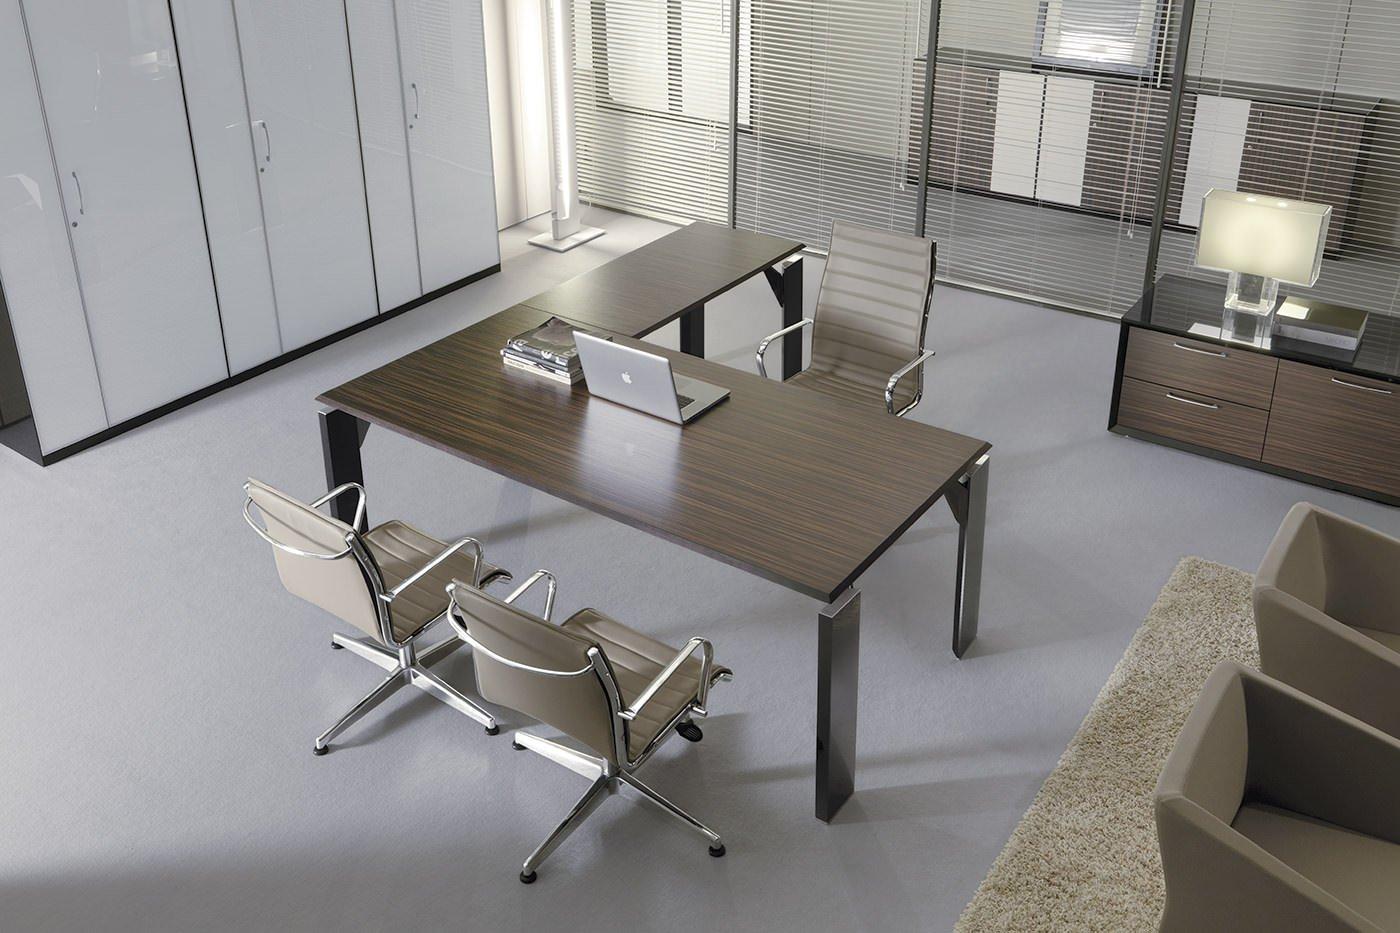 Alix mobili direzionali arredamento per ufficio for Mobili ufficio moderni